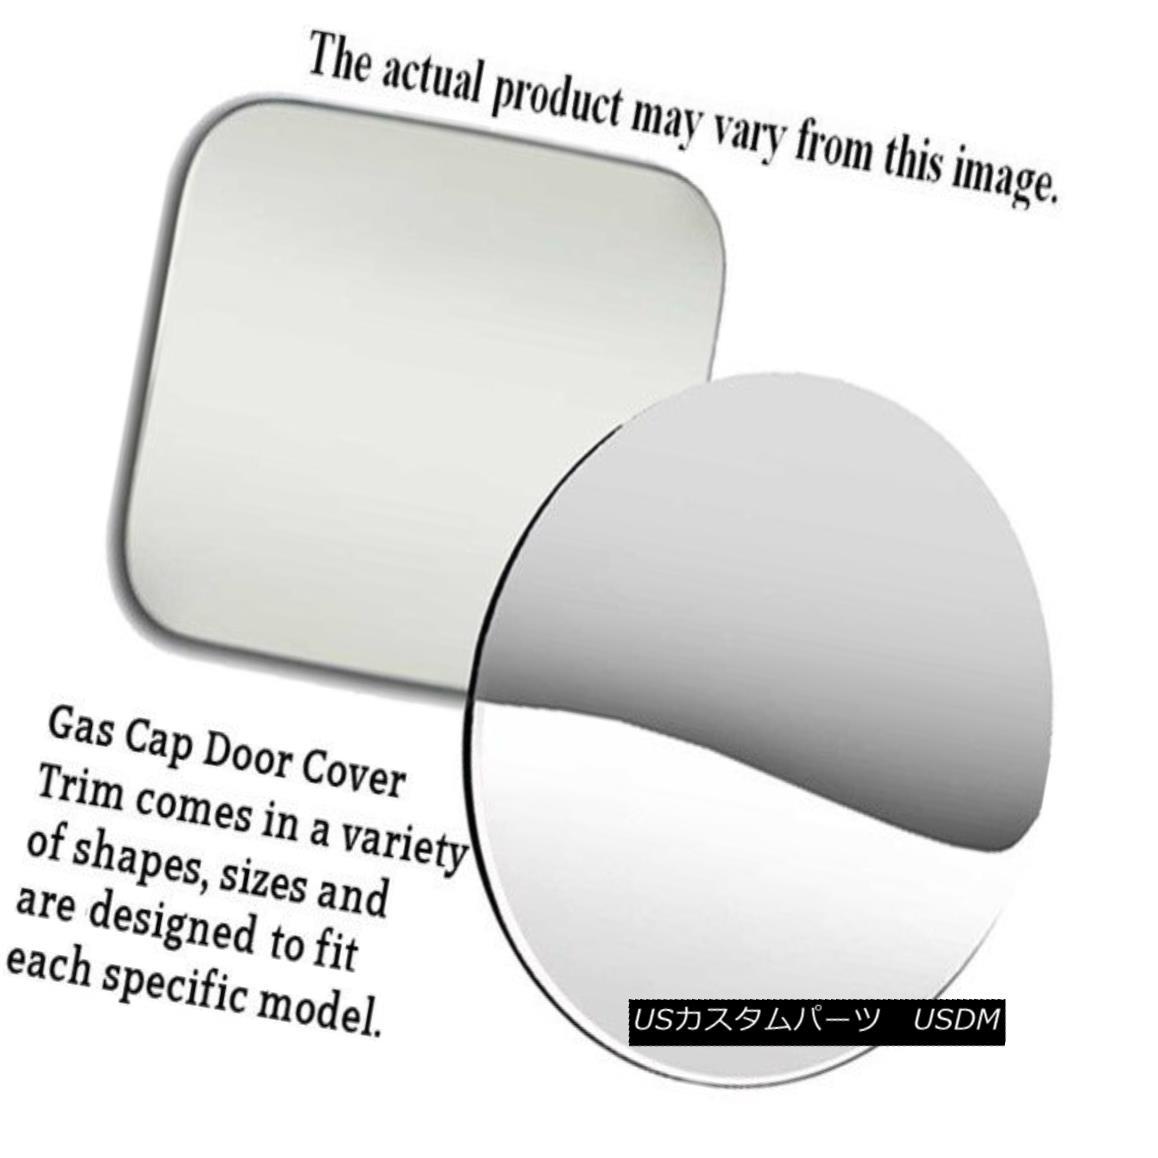 グリル Fits 2006-2011 BUICK LUCERNE 4-door -Stainless Steel GAS CAP DOOR フィット2006-2011 BUICK LUCERNE 4ドア - ステンレススチールGAS CAP DOOR